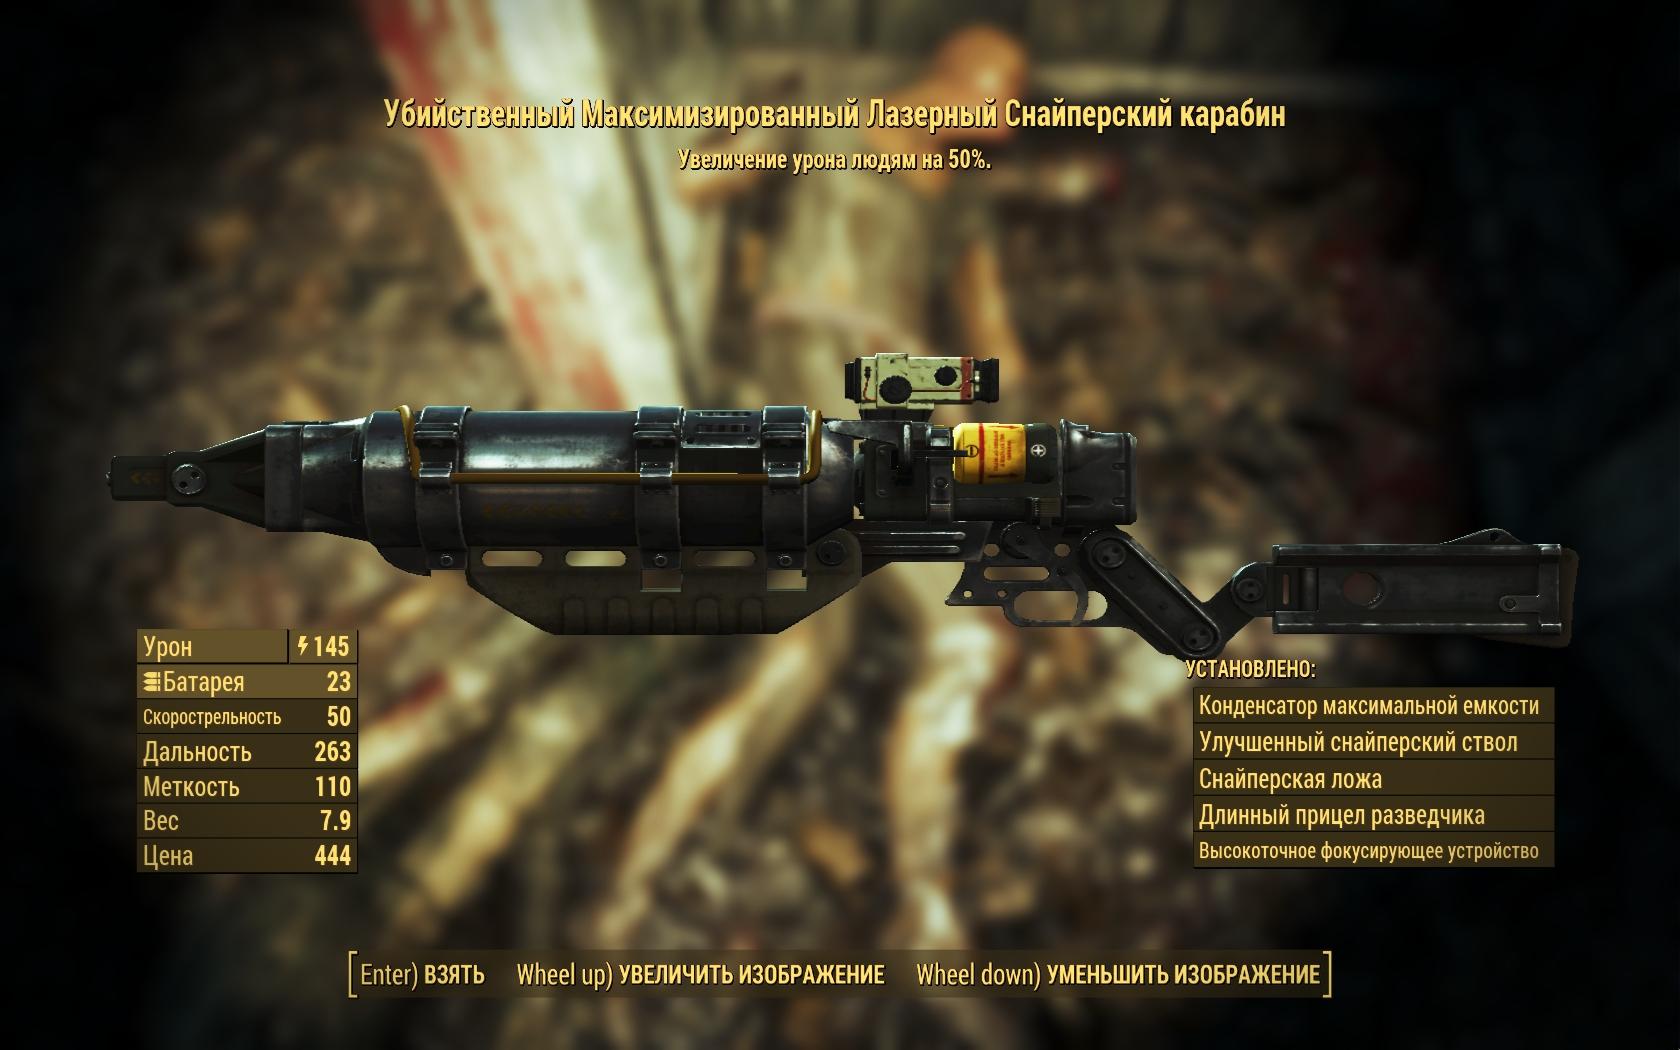 карабин - Fallout 4 лазерный, максимизированный, Оружие, снайперский, Убийственный